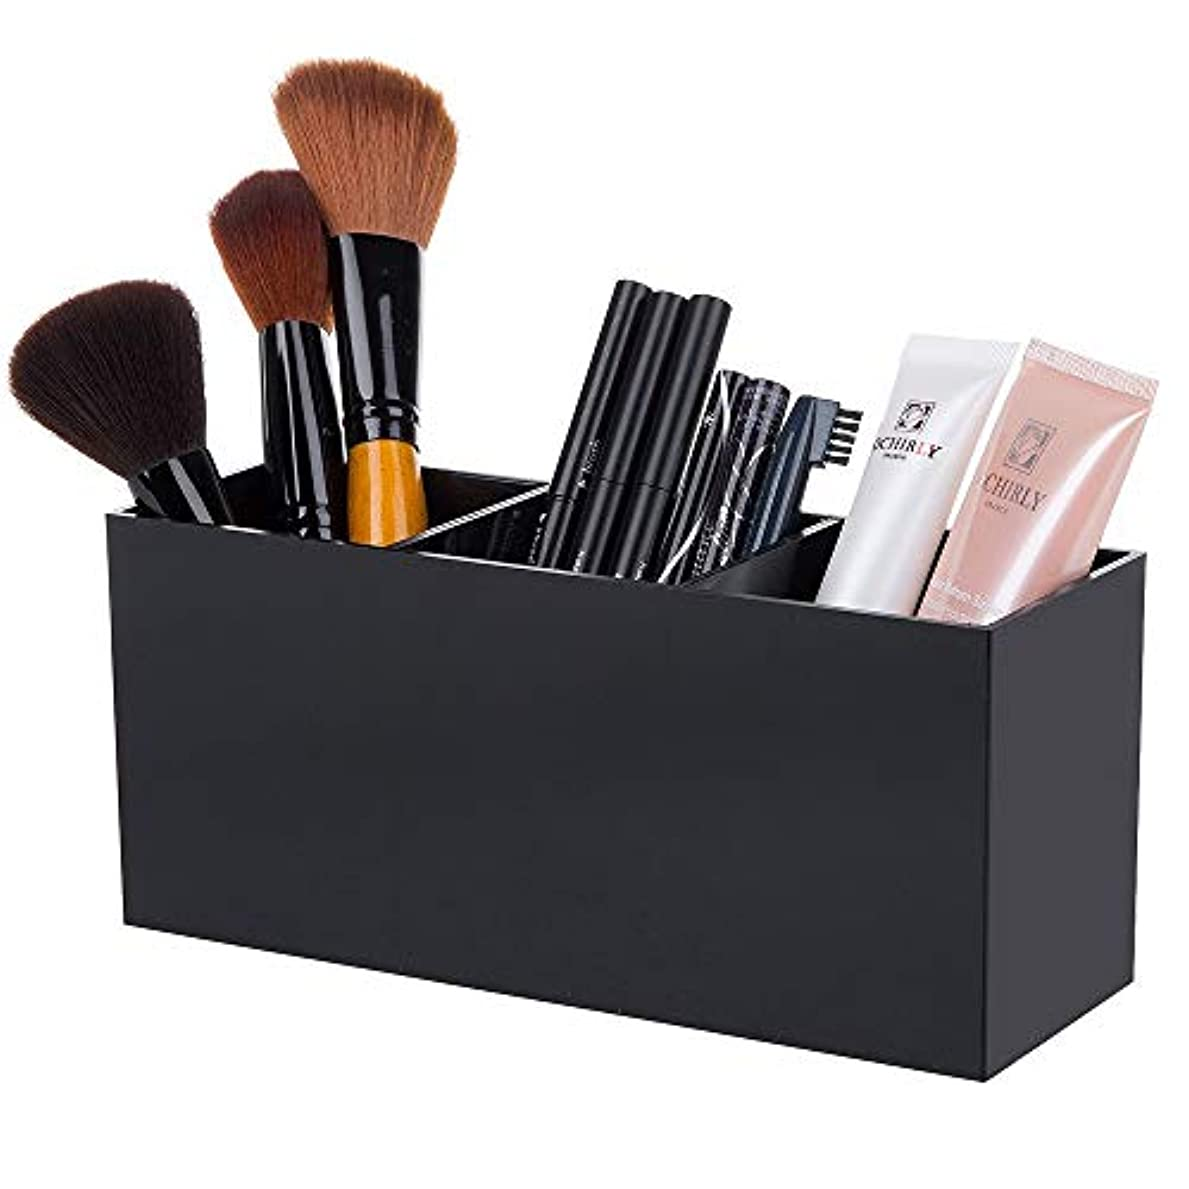 アベニューフォーマット一致するLUGUNU メイクブラシ 収納ケース 仕切り付き 化粧筆収納ボックス アクリルケース メイク道具 小物収納 ドレッサーの引き出しにも (ブラック)